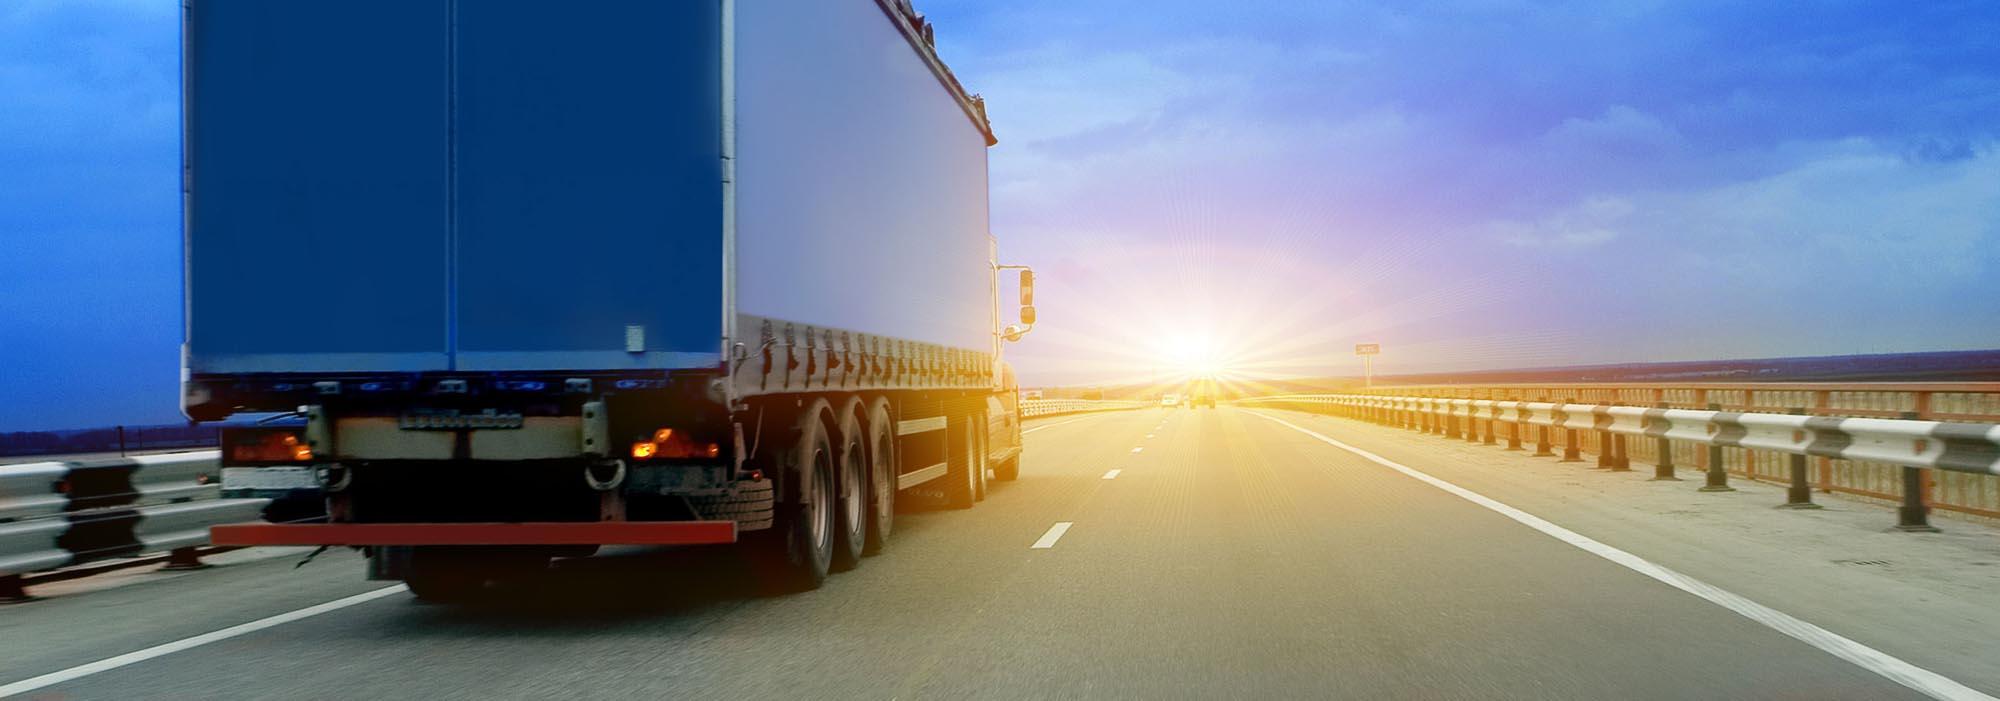 logistic_truck_pic_v22